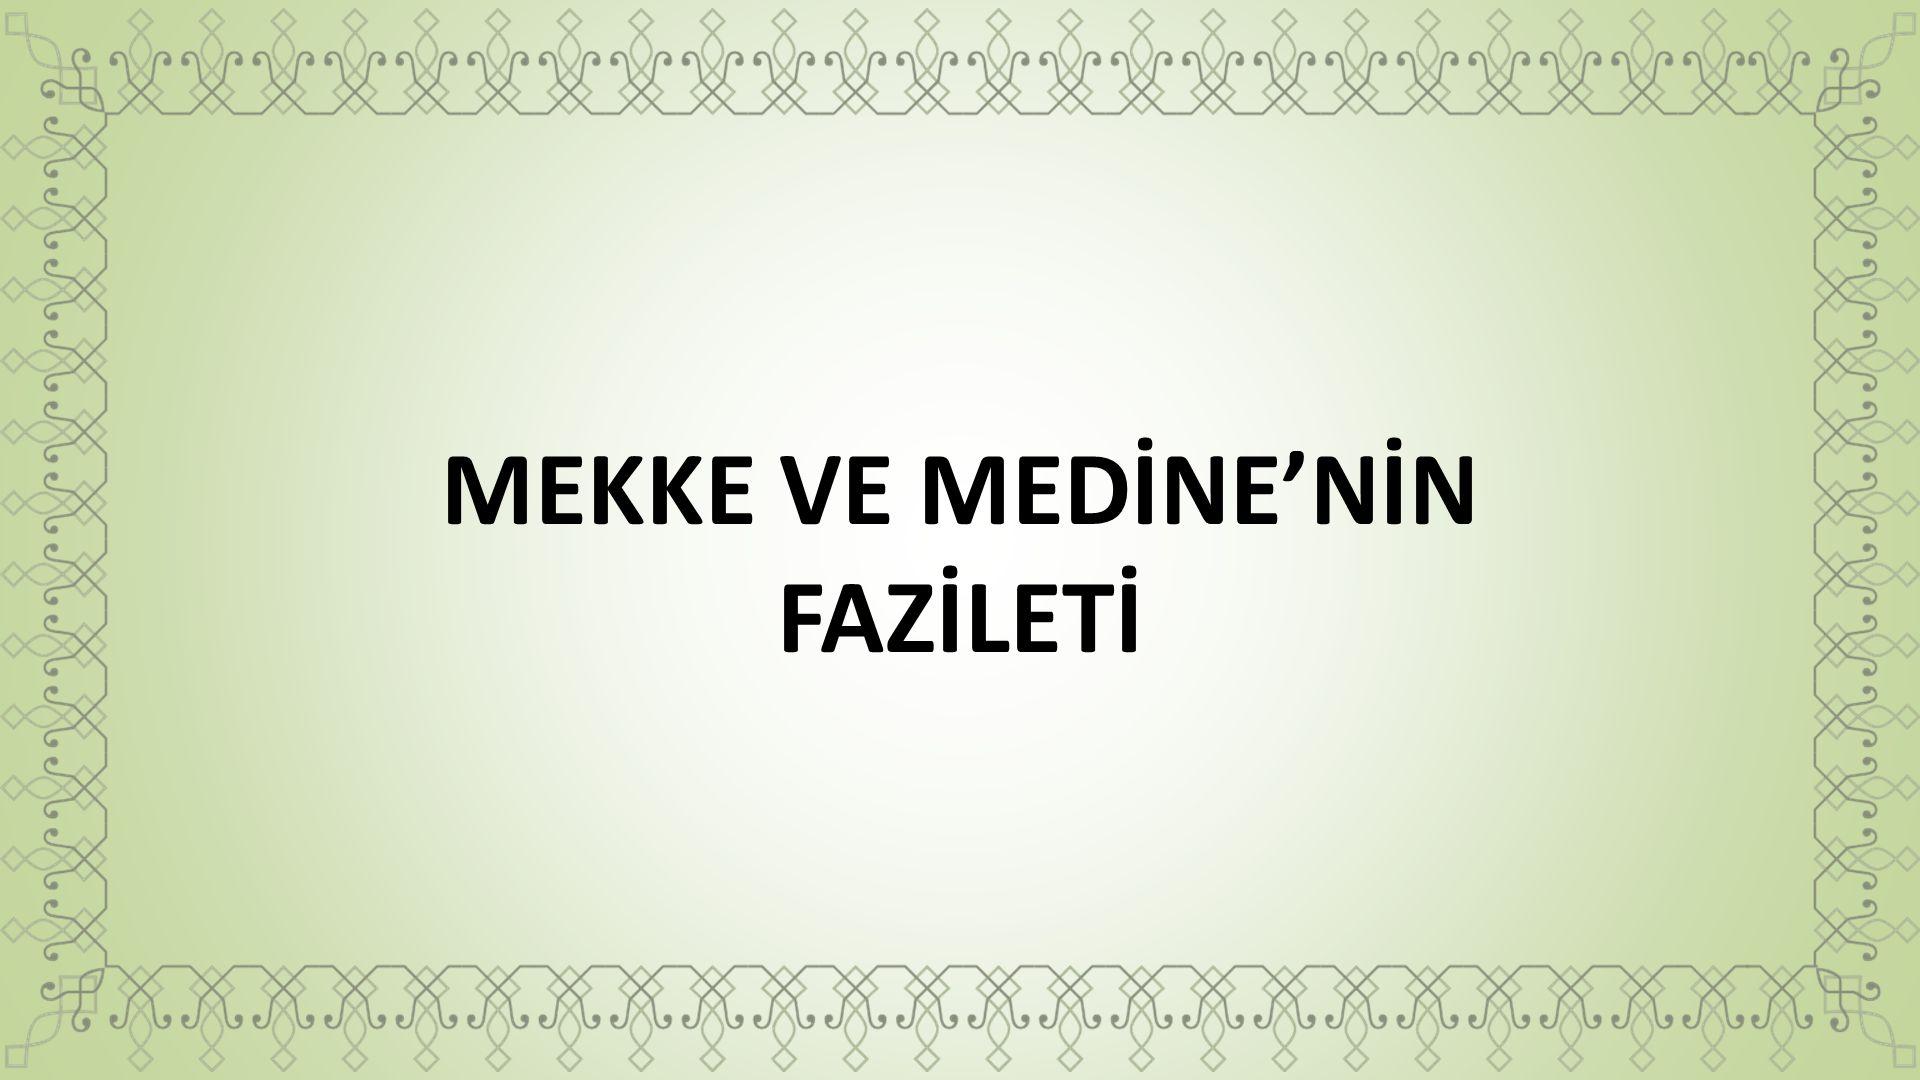 MEKKE VE MEDİNE'NİN FAZİLETİ